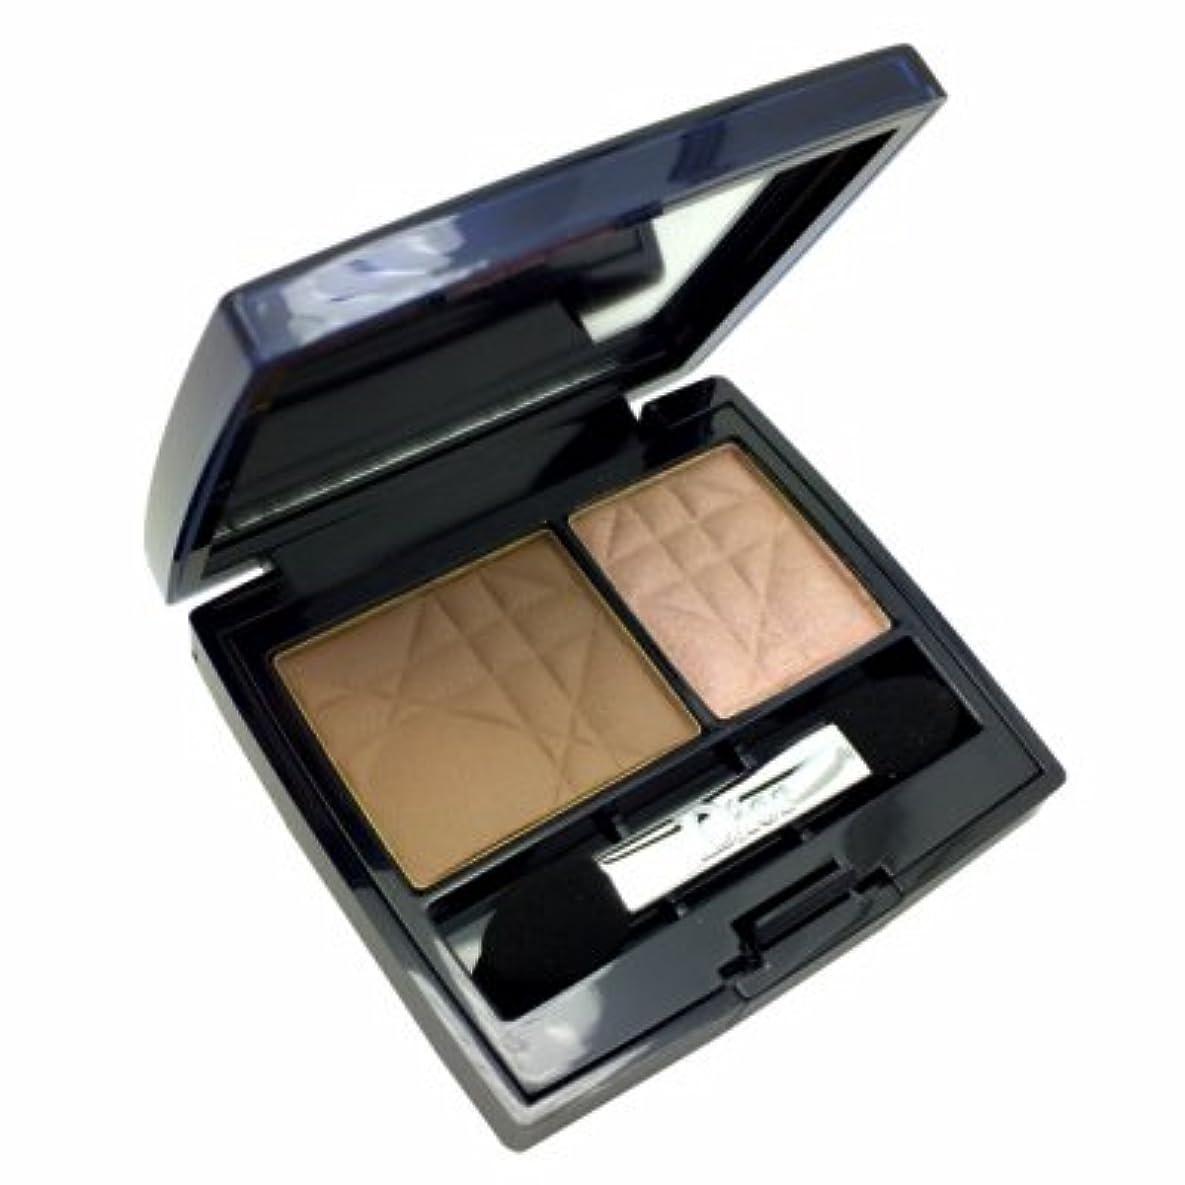 主観的被るセールDior 2 Couleurs Matte & Shiny Duo Eyeshadow 365 Nude Look(ディオール デュオ クルール マット&シャイン デュオ アイシャドウ 365 ヌード ルック)[海外直送品...